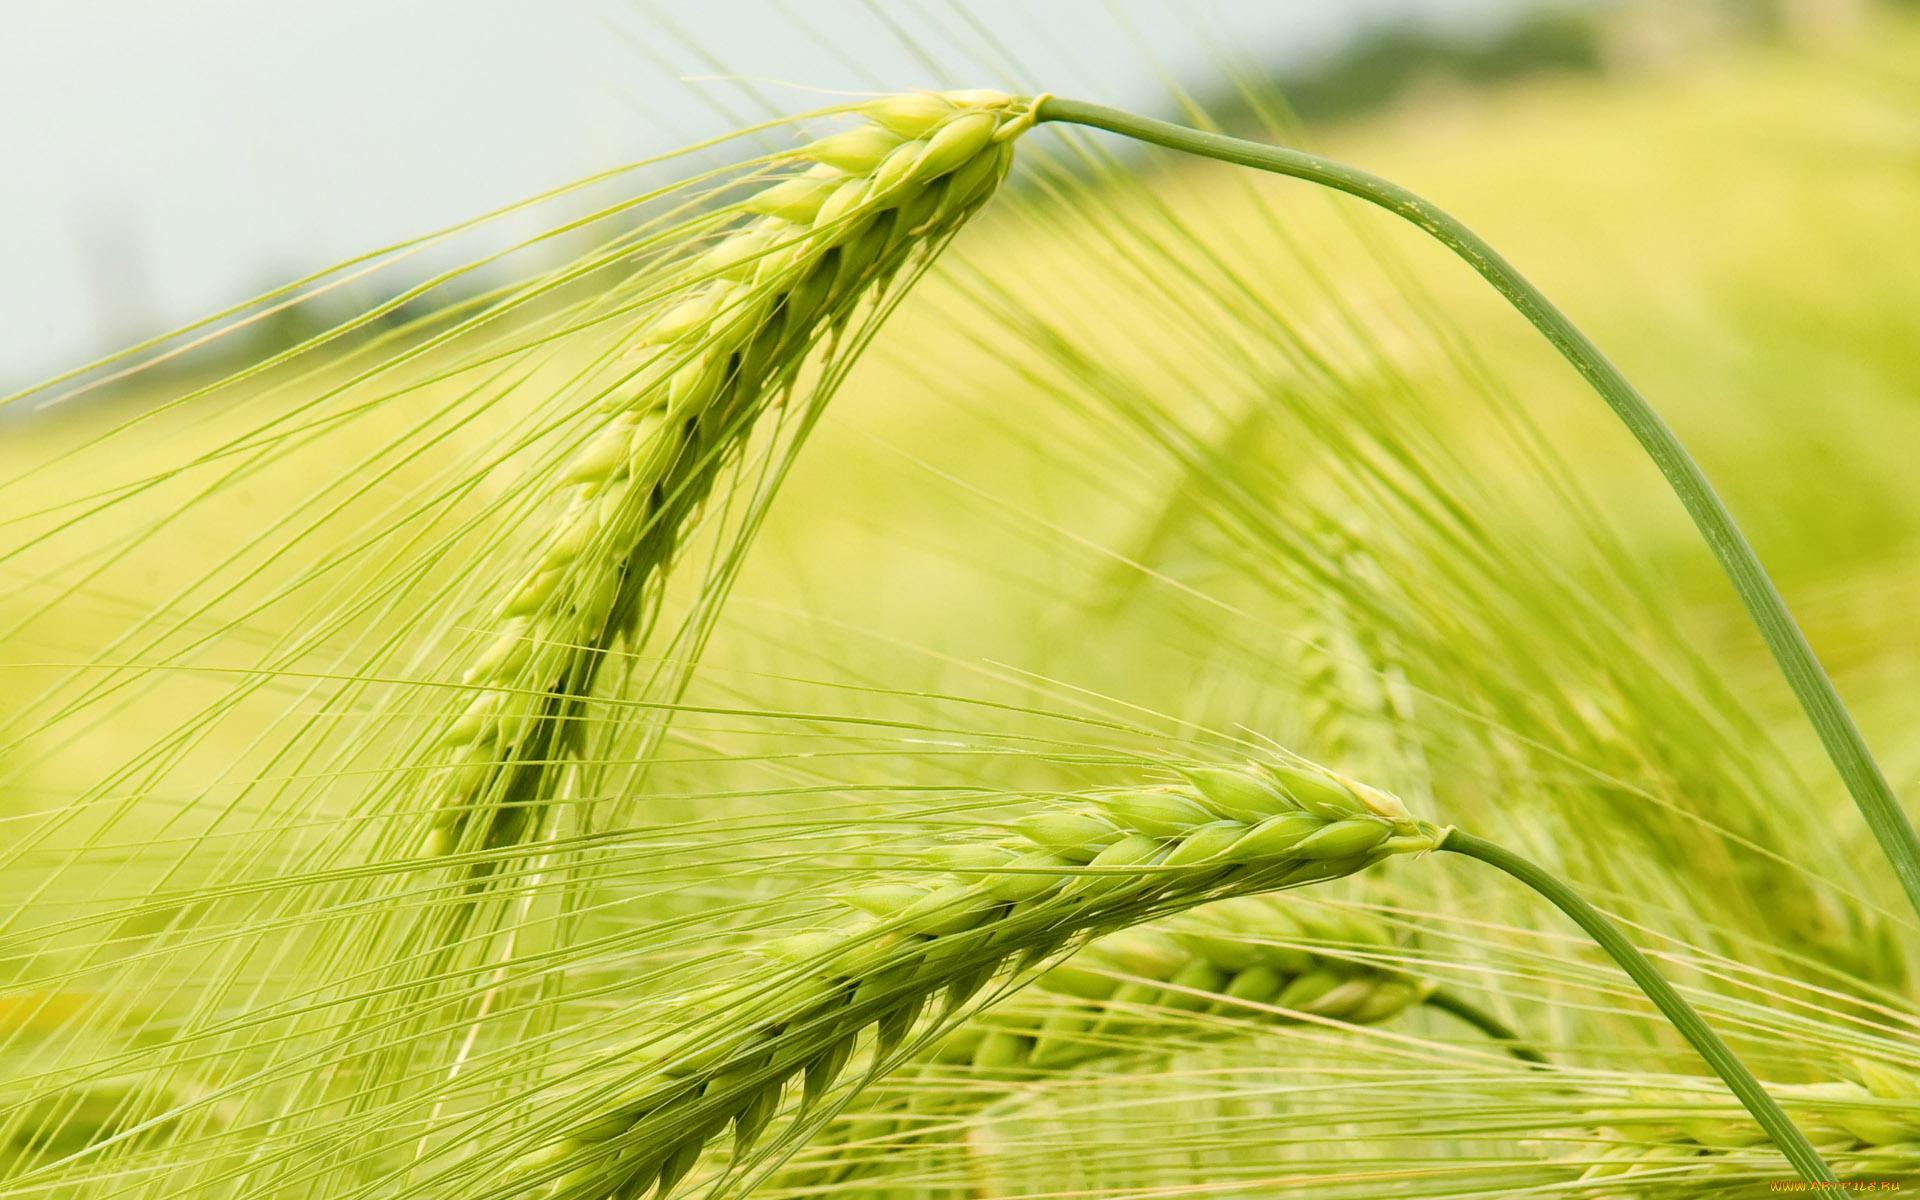 Зеленая пшеница  № 2559156 загрузить